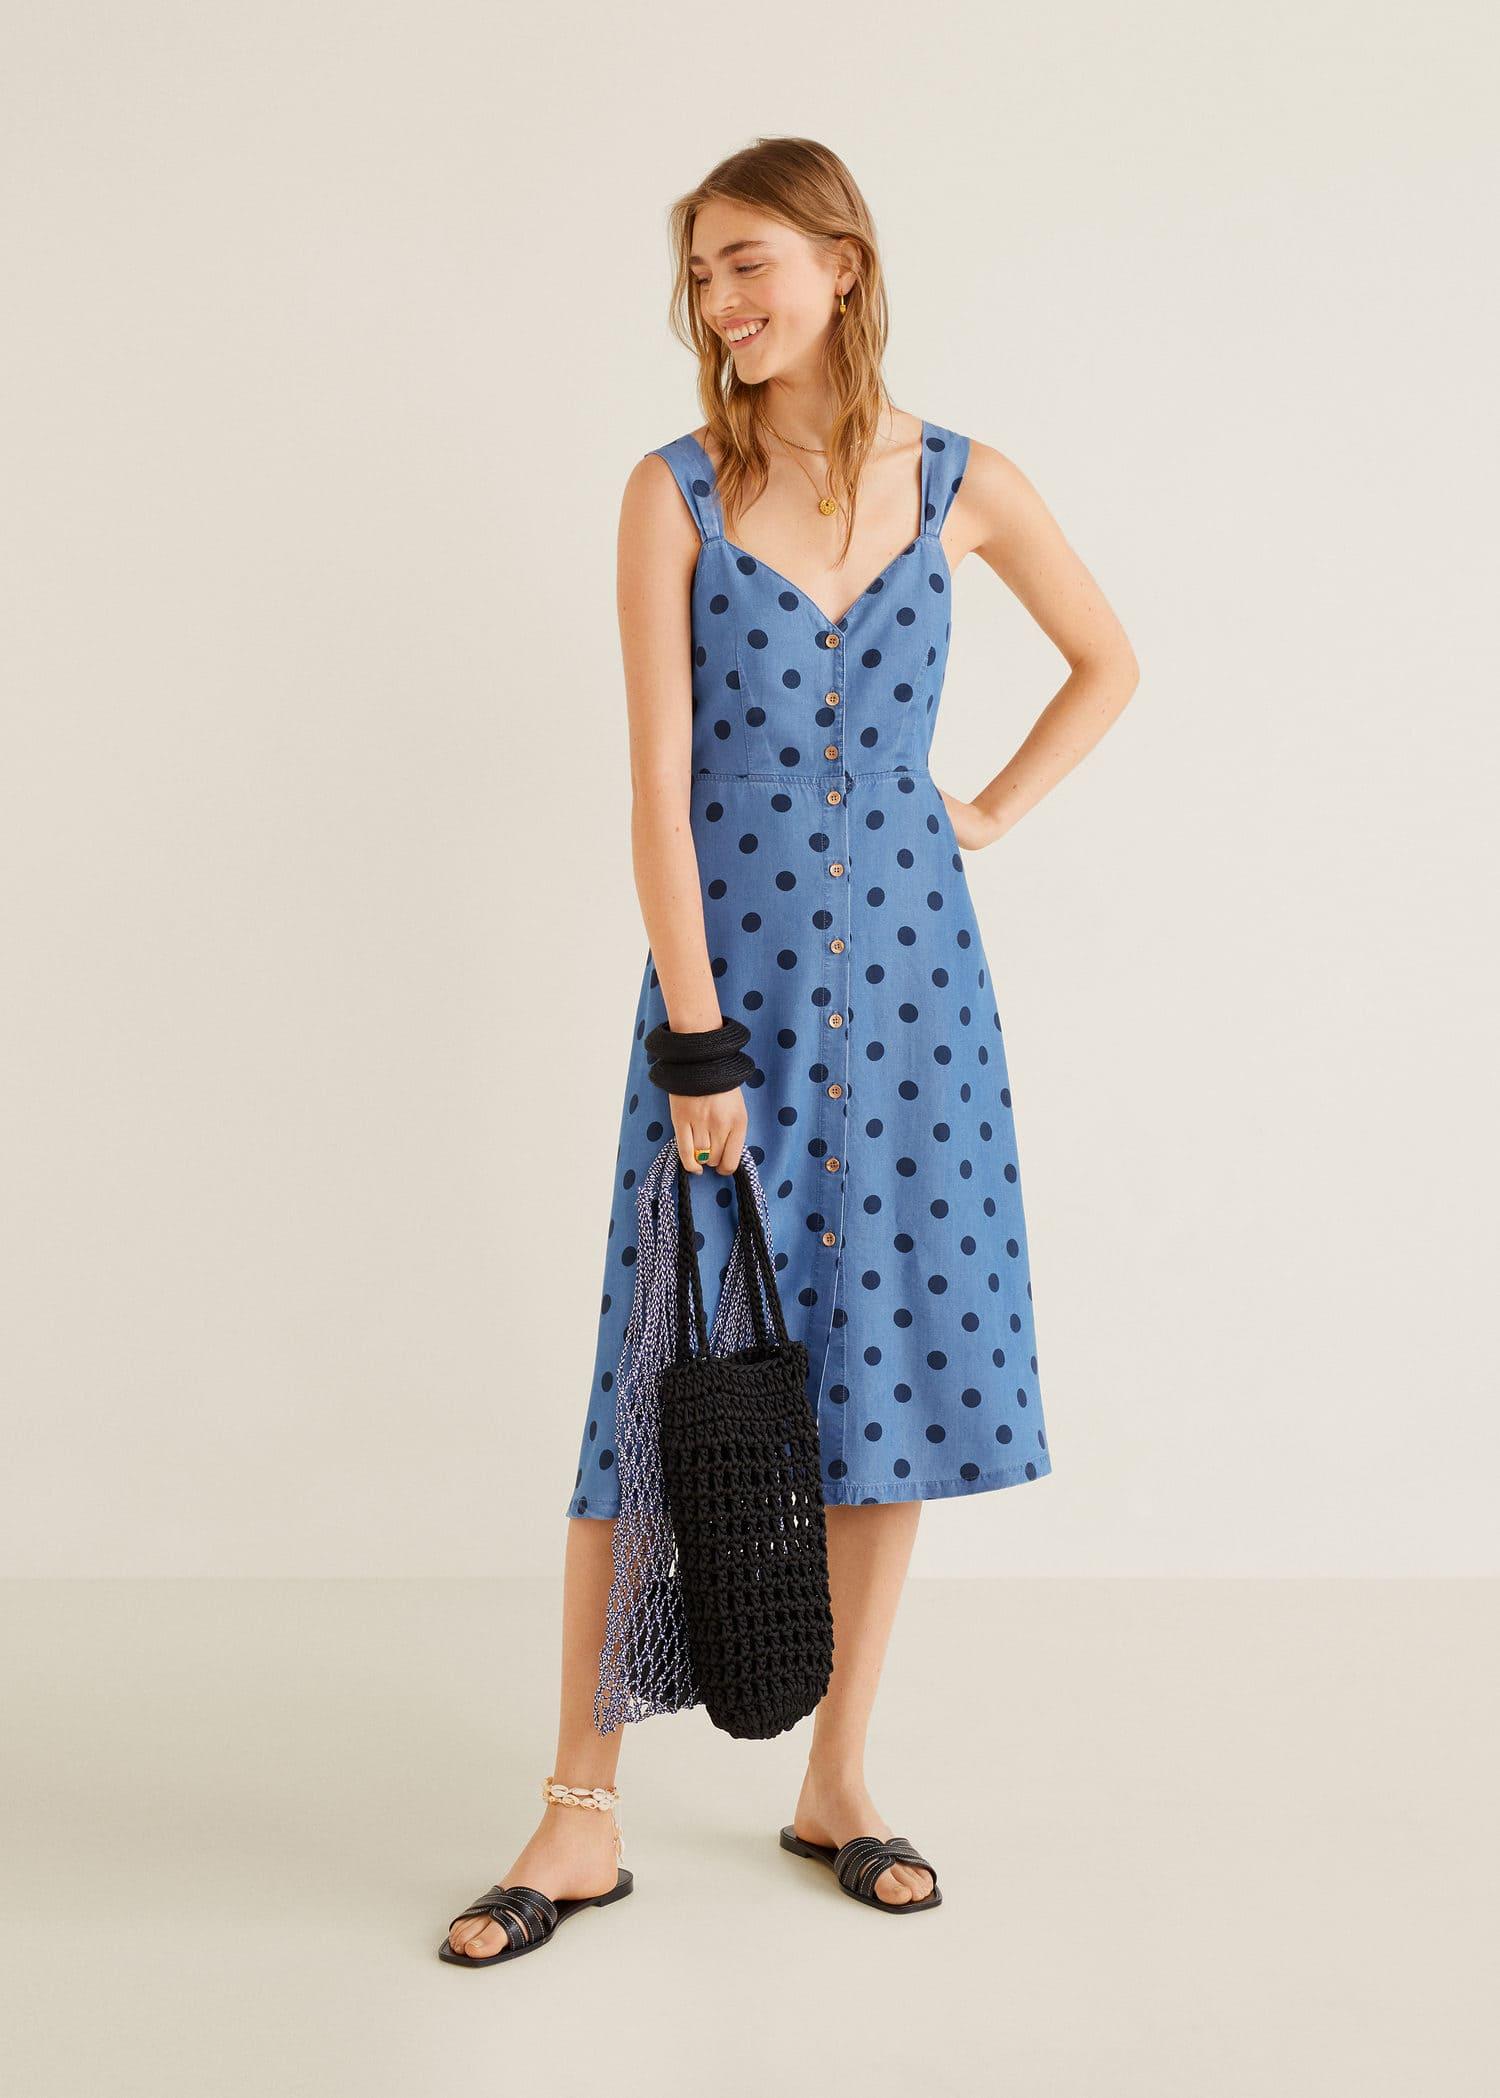 Imagenes de vestidos de promocion color azul electrico